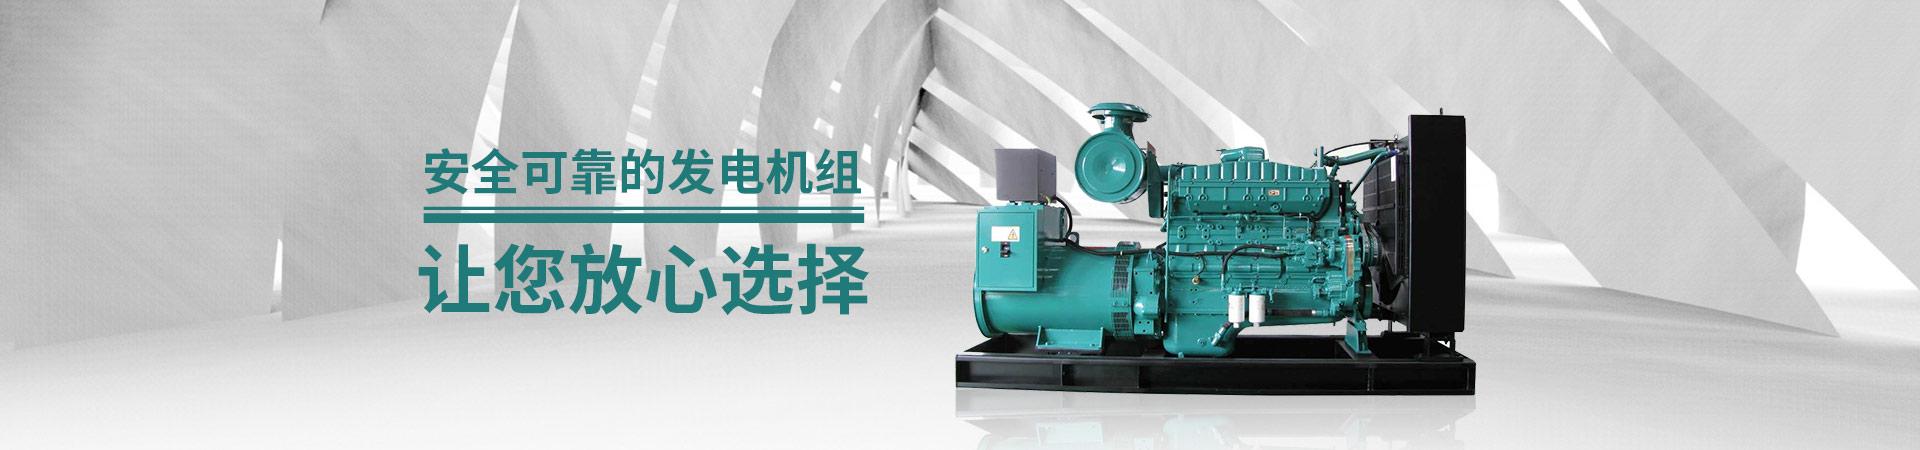 重庆发电机组